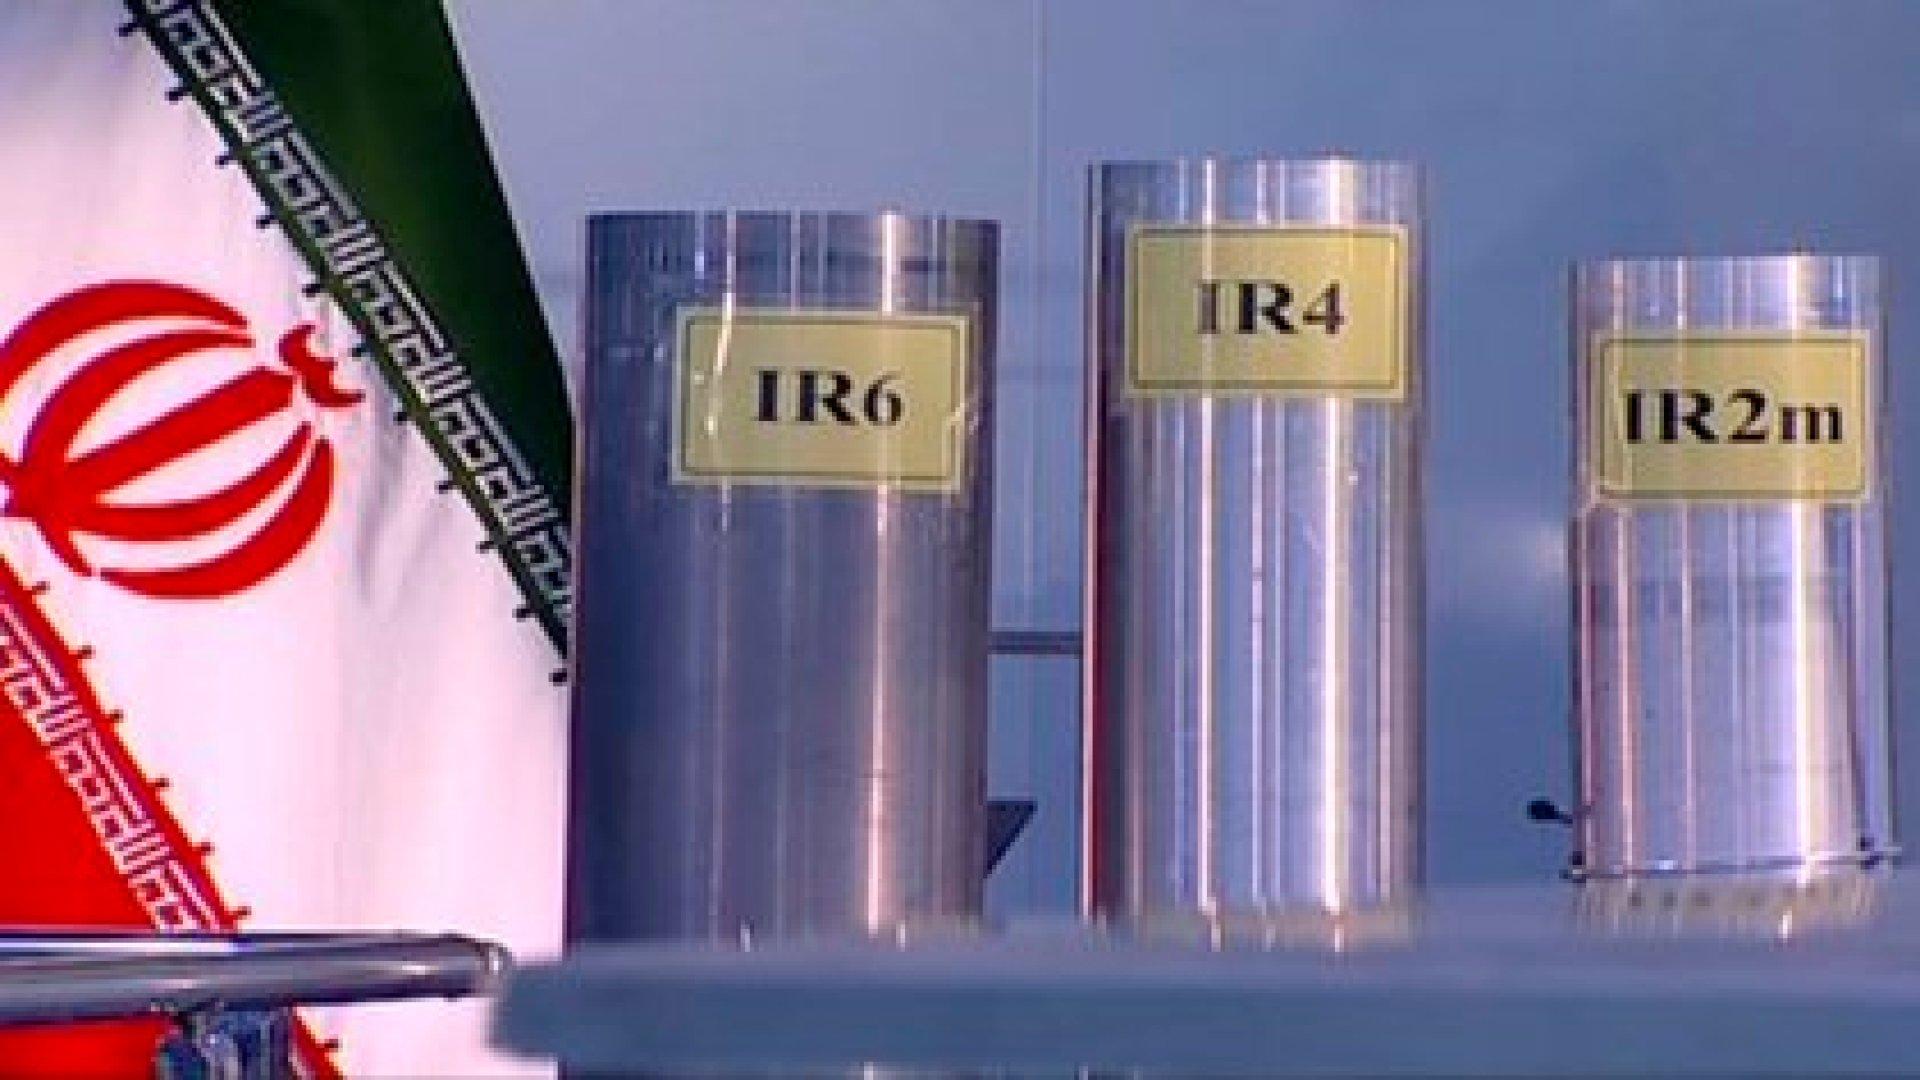 Irán comenzó el enriquecimiento de uranio al 20% en una nueva violación al acuerdo nuclear